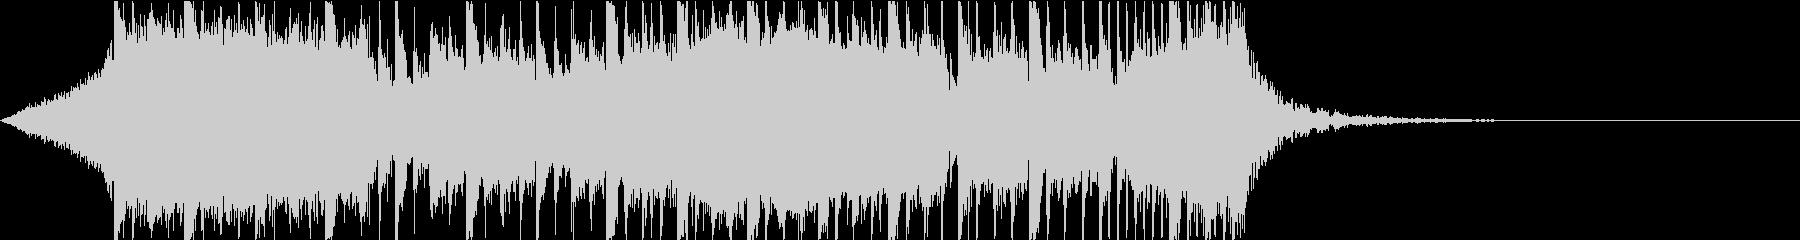 ダブステップ メロディアス ジングルの未再生の波形